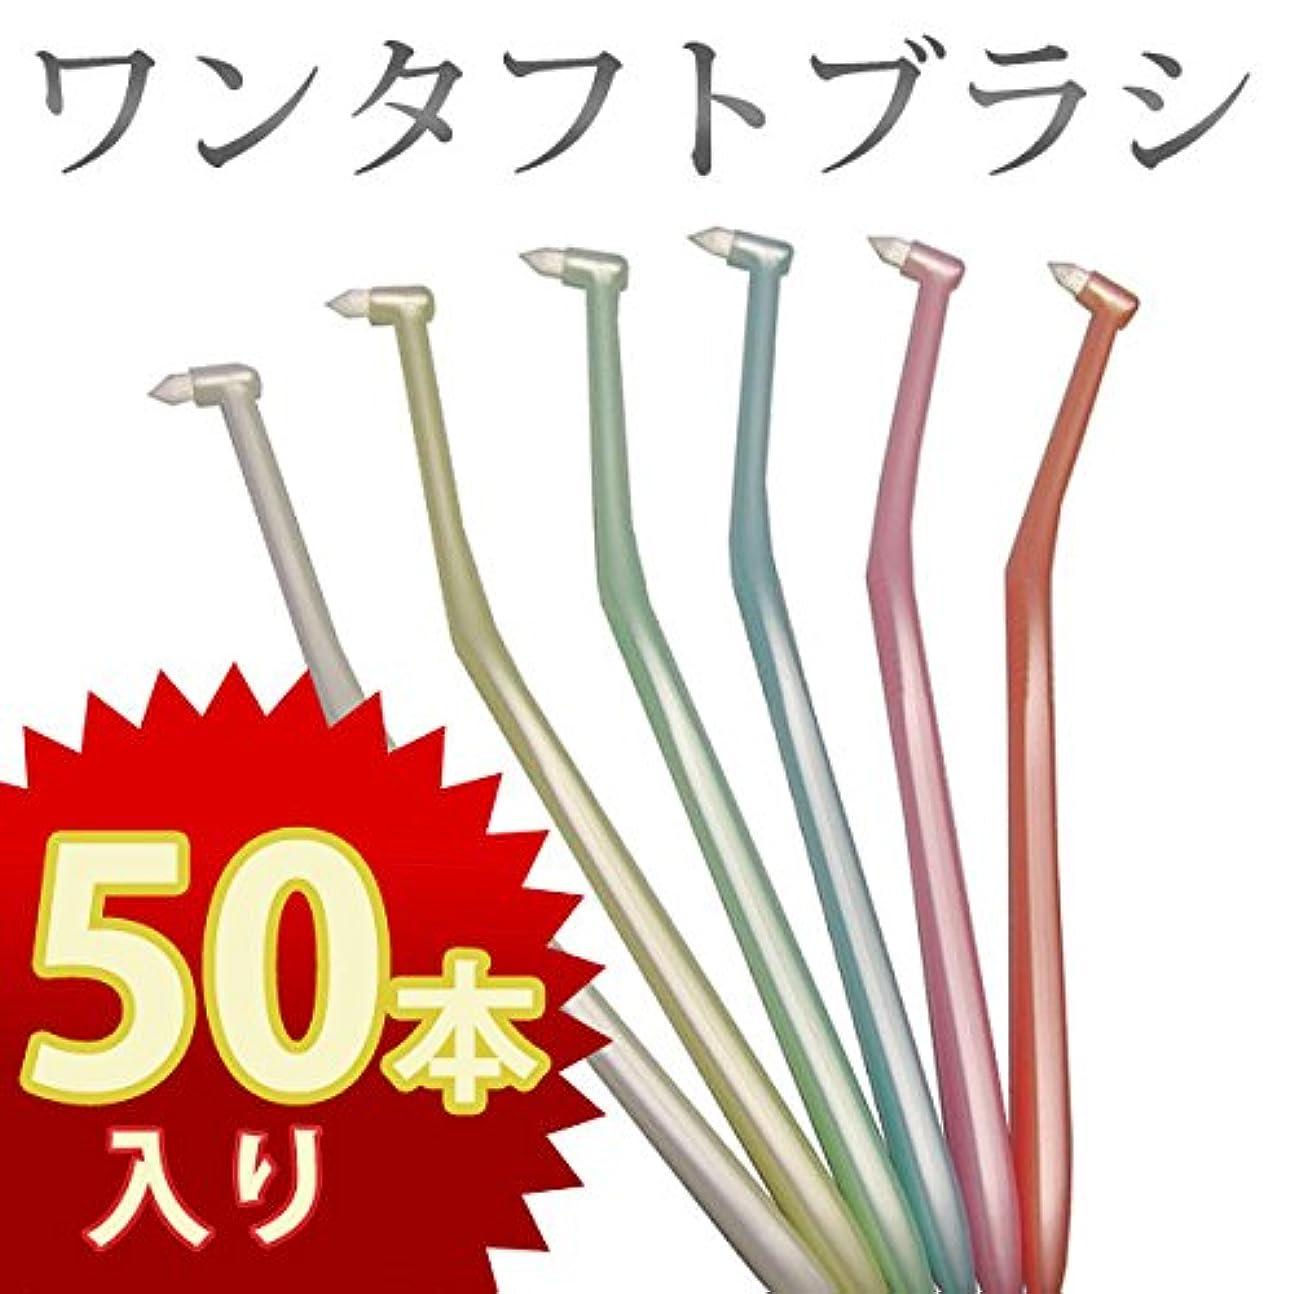 落ち込んでいるギャップ幼児ラピス ワンタフト 50本入り 歯ブラシ LA-001 ミディアム(ふつう) 6色アソート